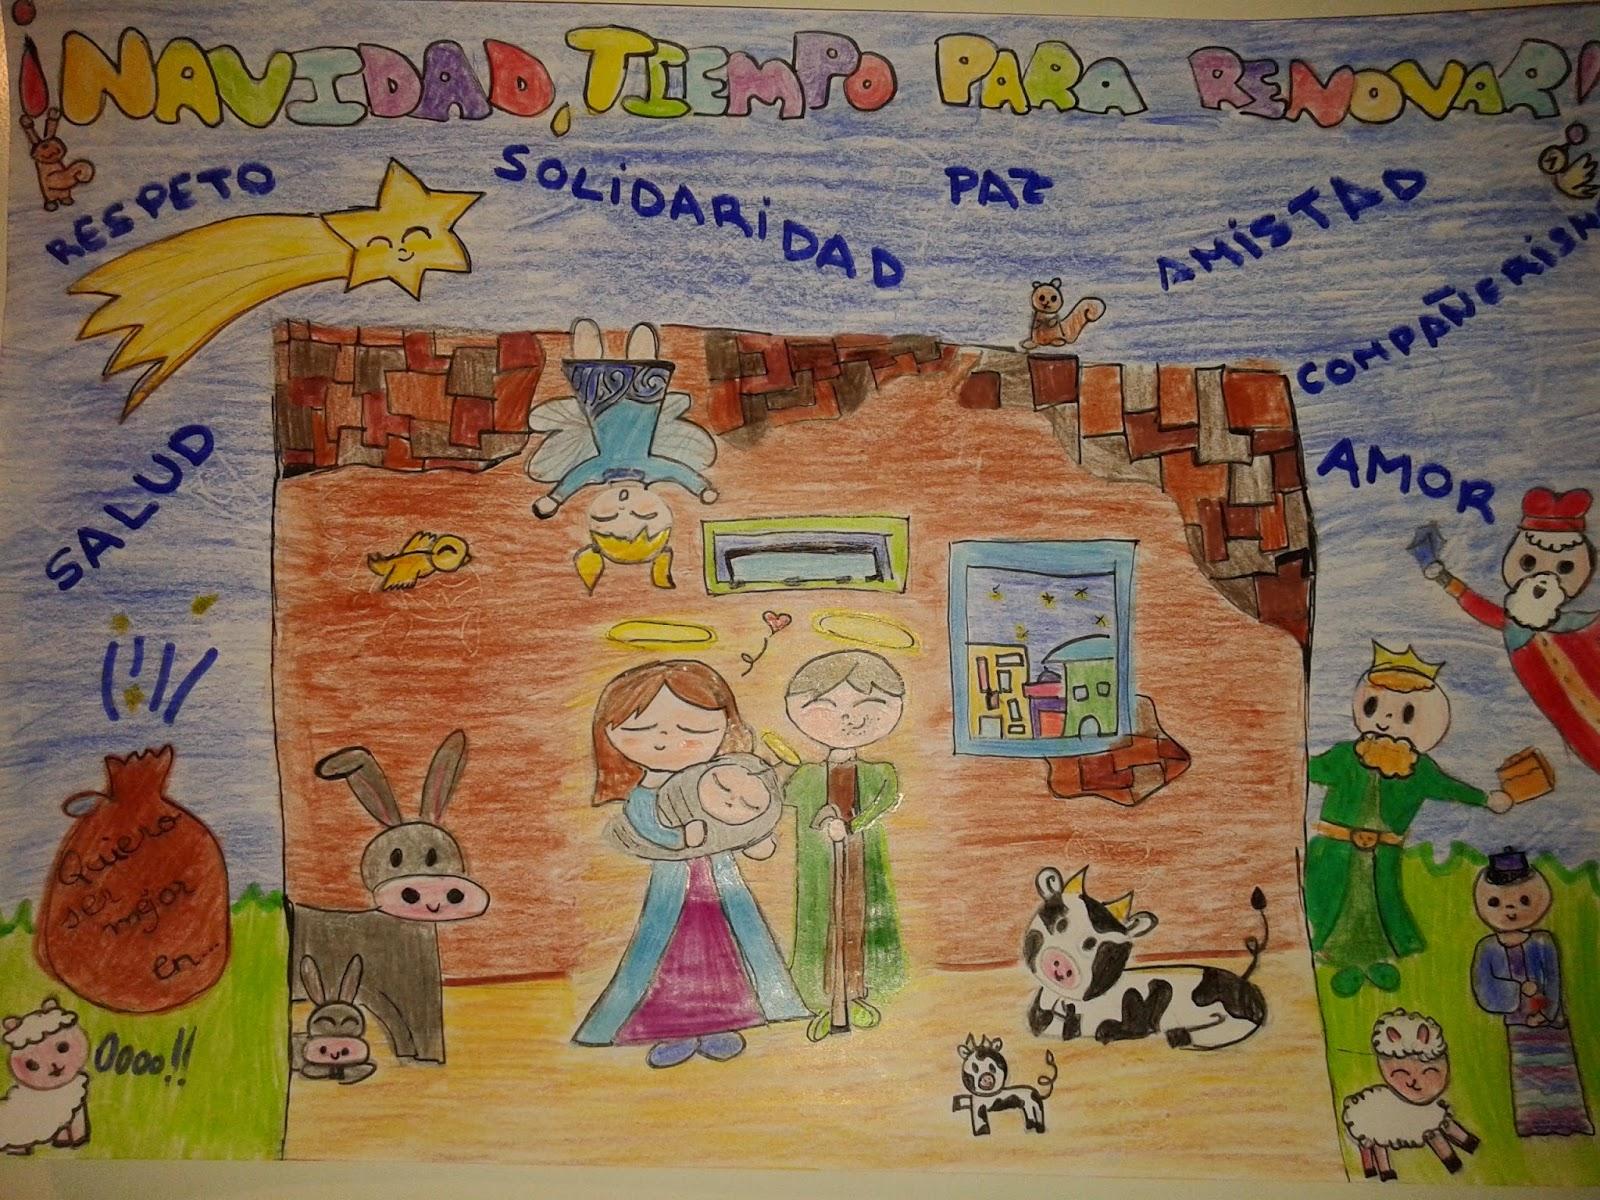 Anachicuca s bados chicucos diciembre - Tarjetas de navidad hechas por ninos ...